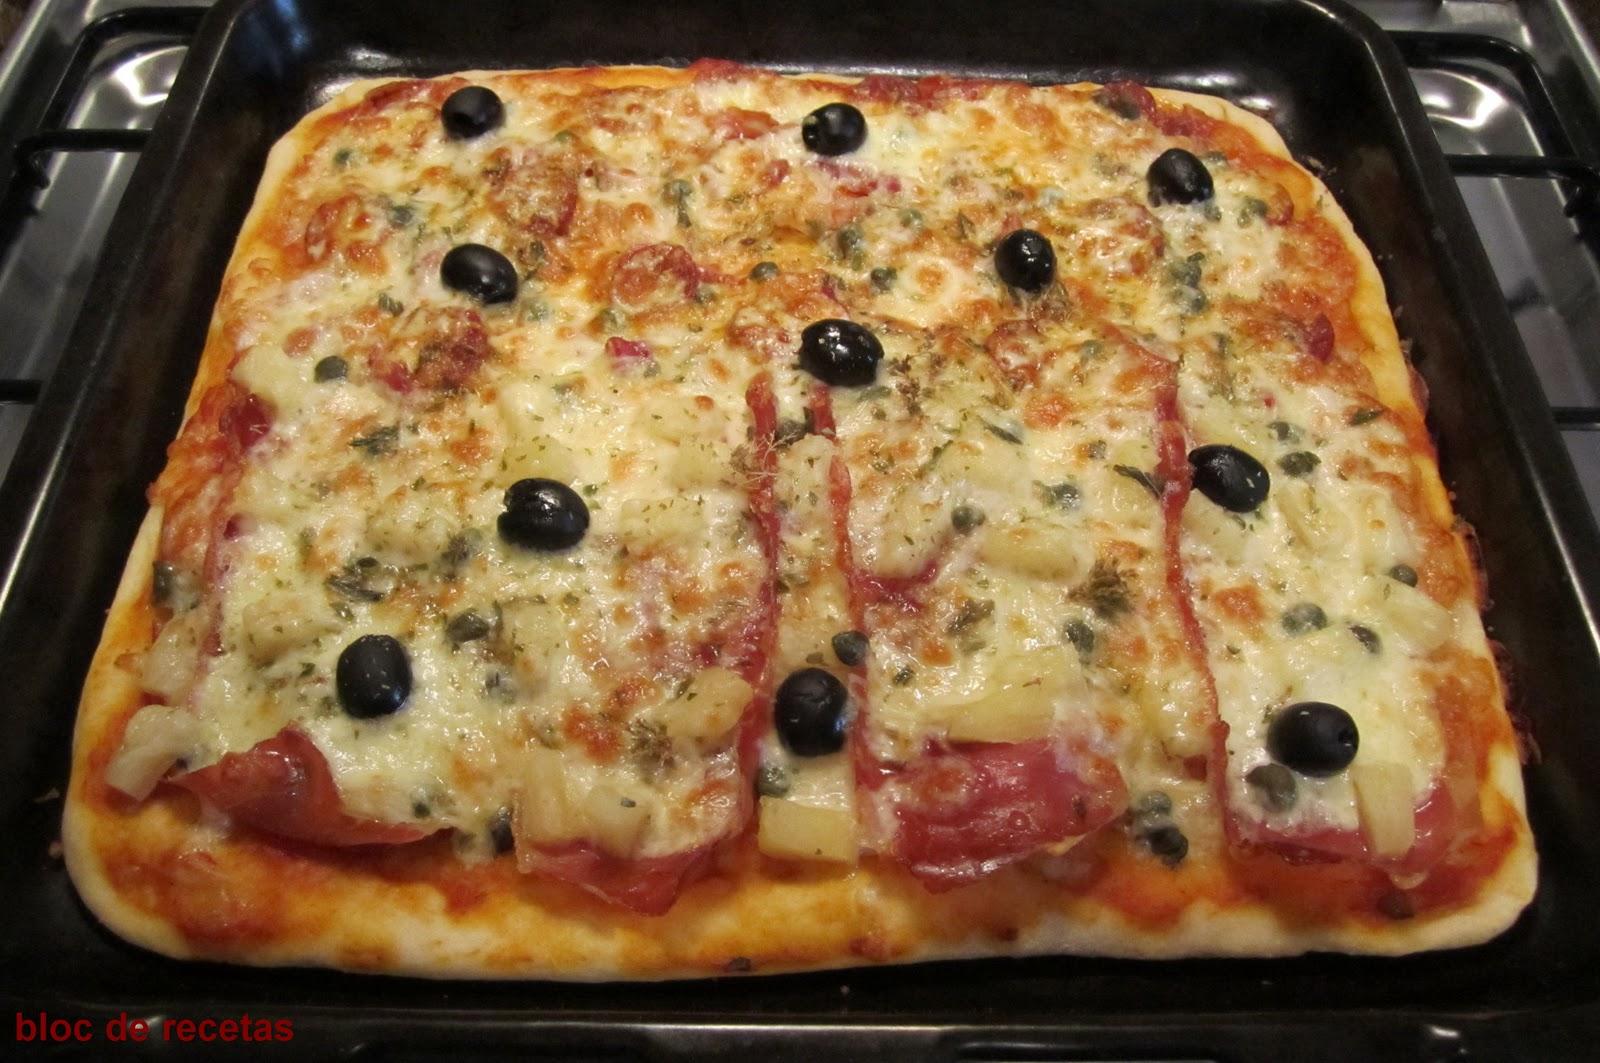 Recetas italianas, recetas de cocina wiso mein geld 365 neuerungen bet365 bester slot italiana en espanol   recetas ...